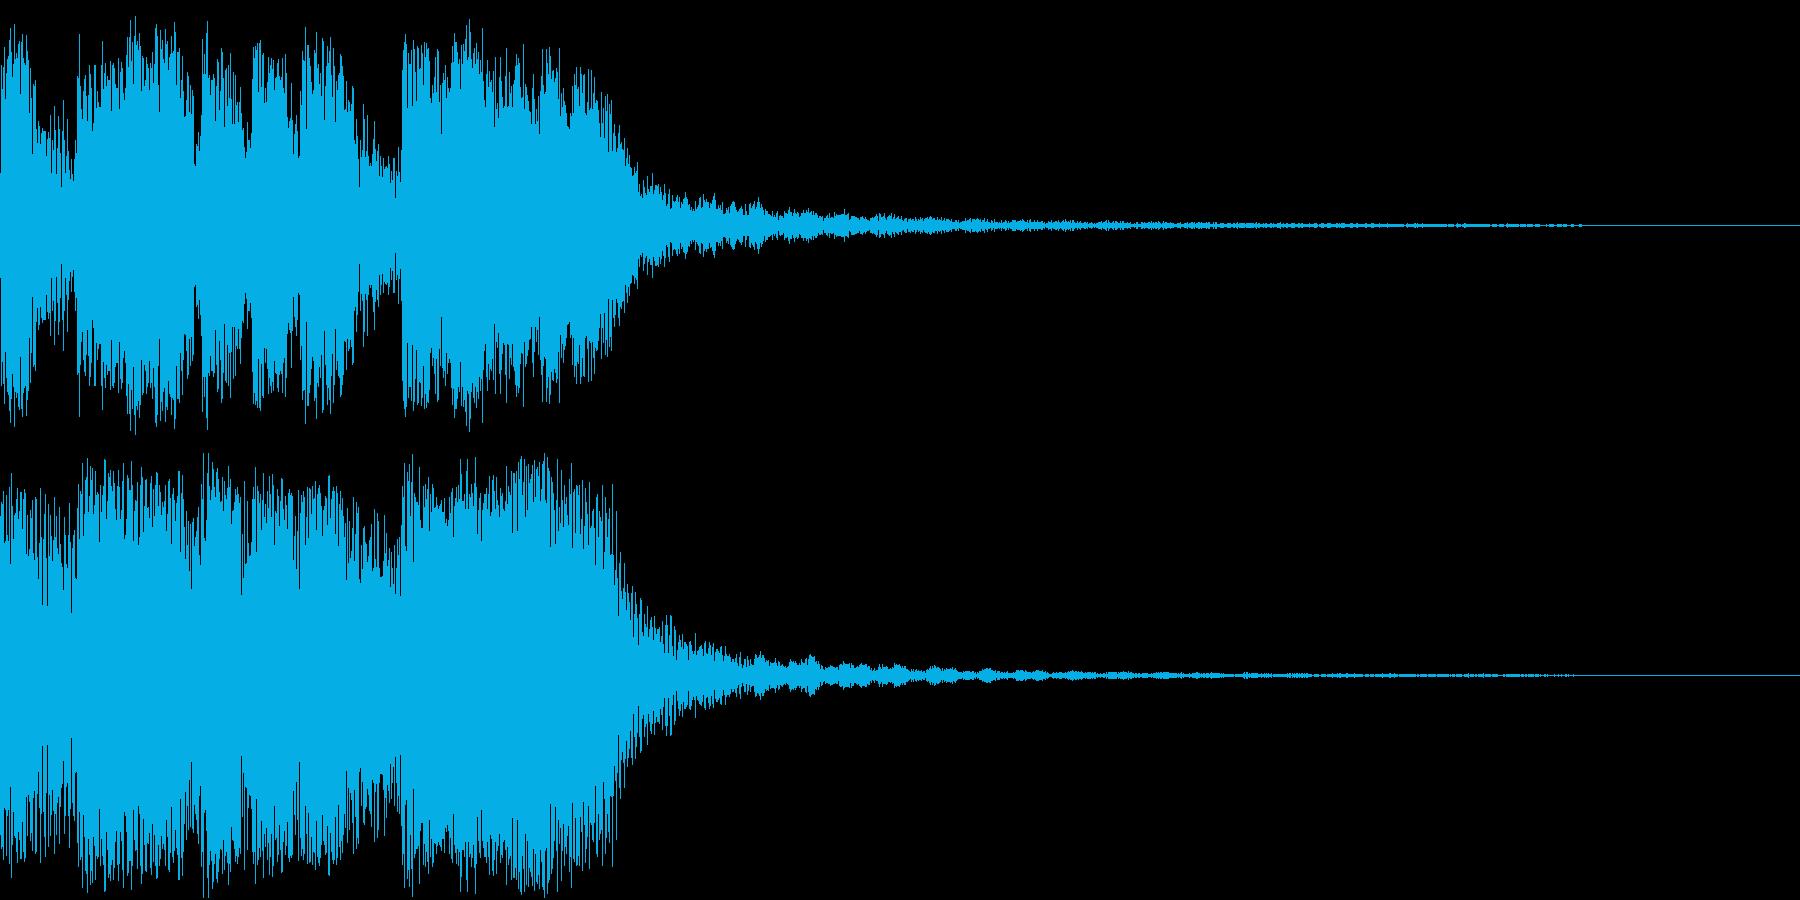 ファンファーレ 当たり 正解 合格 10の再生済みの波形